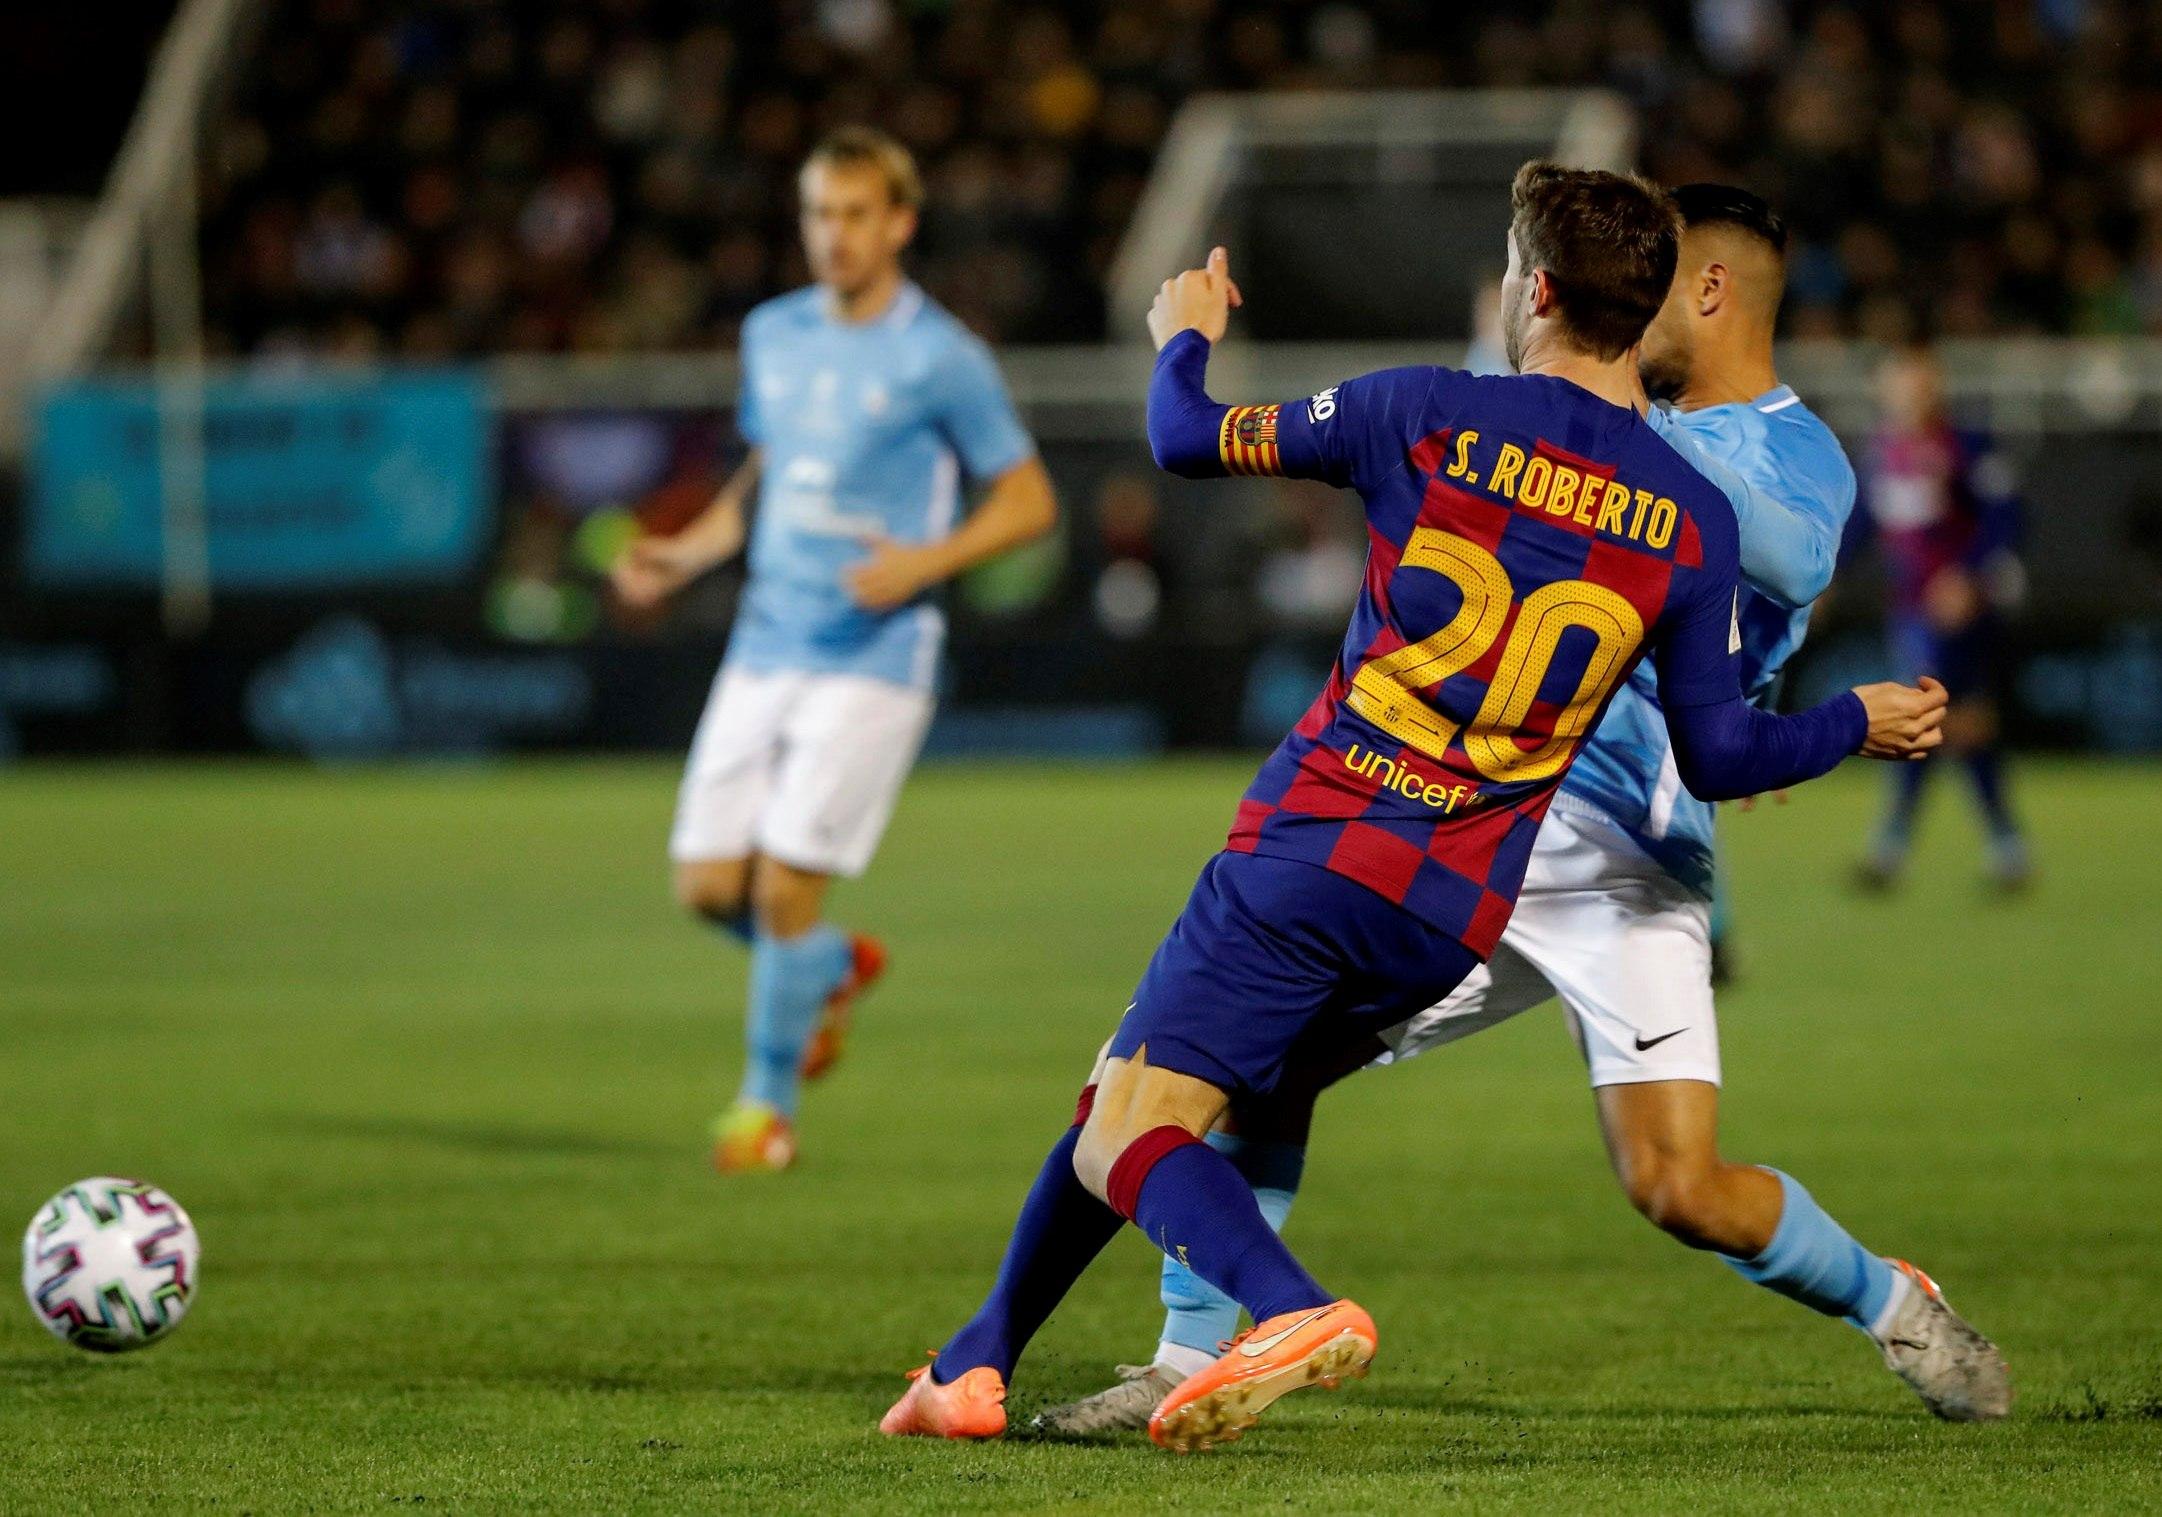 ¿Cuántos pases dio el Barcelona para rematar tres veces en el partido de Copa contra el Ibiza?